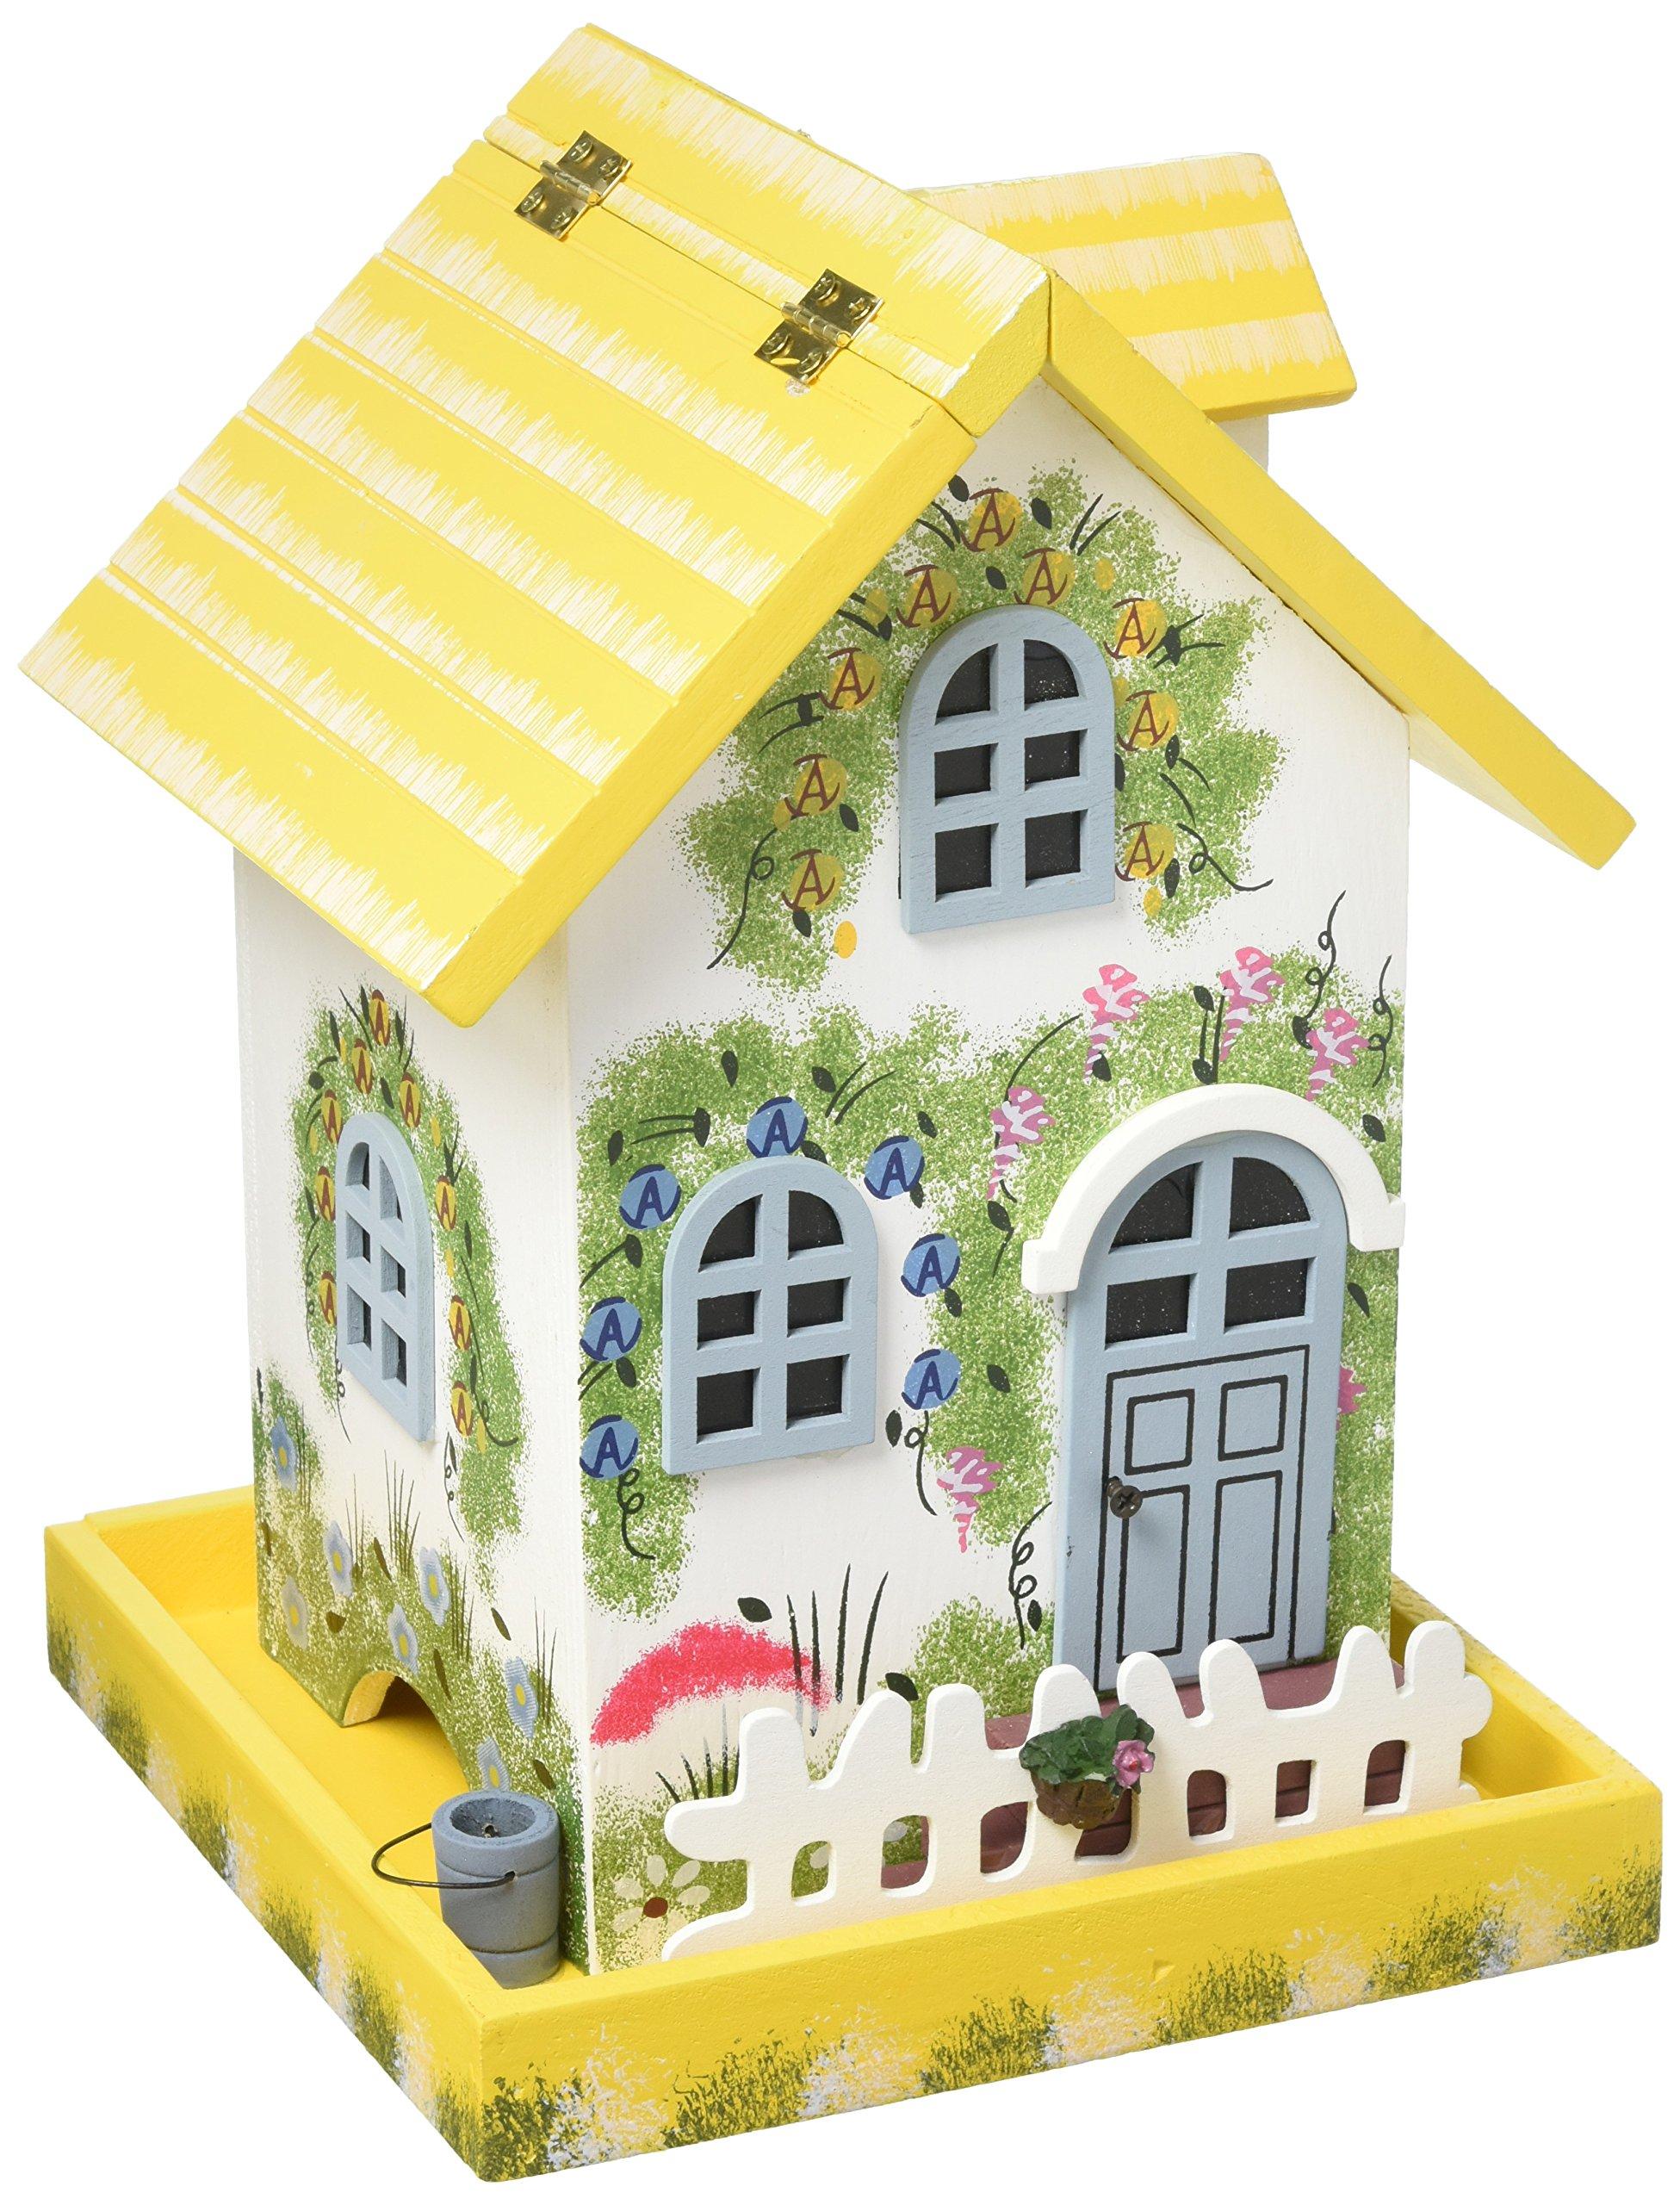 Home Bazaar Hand-Made Premium Flower Cottage Yellow Bird Feeder - Nature Friendly